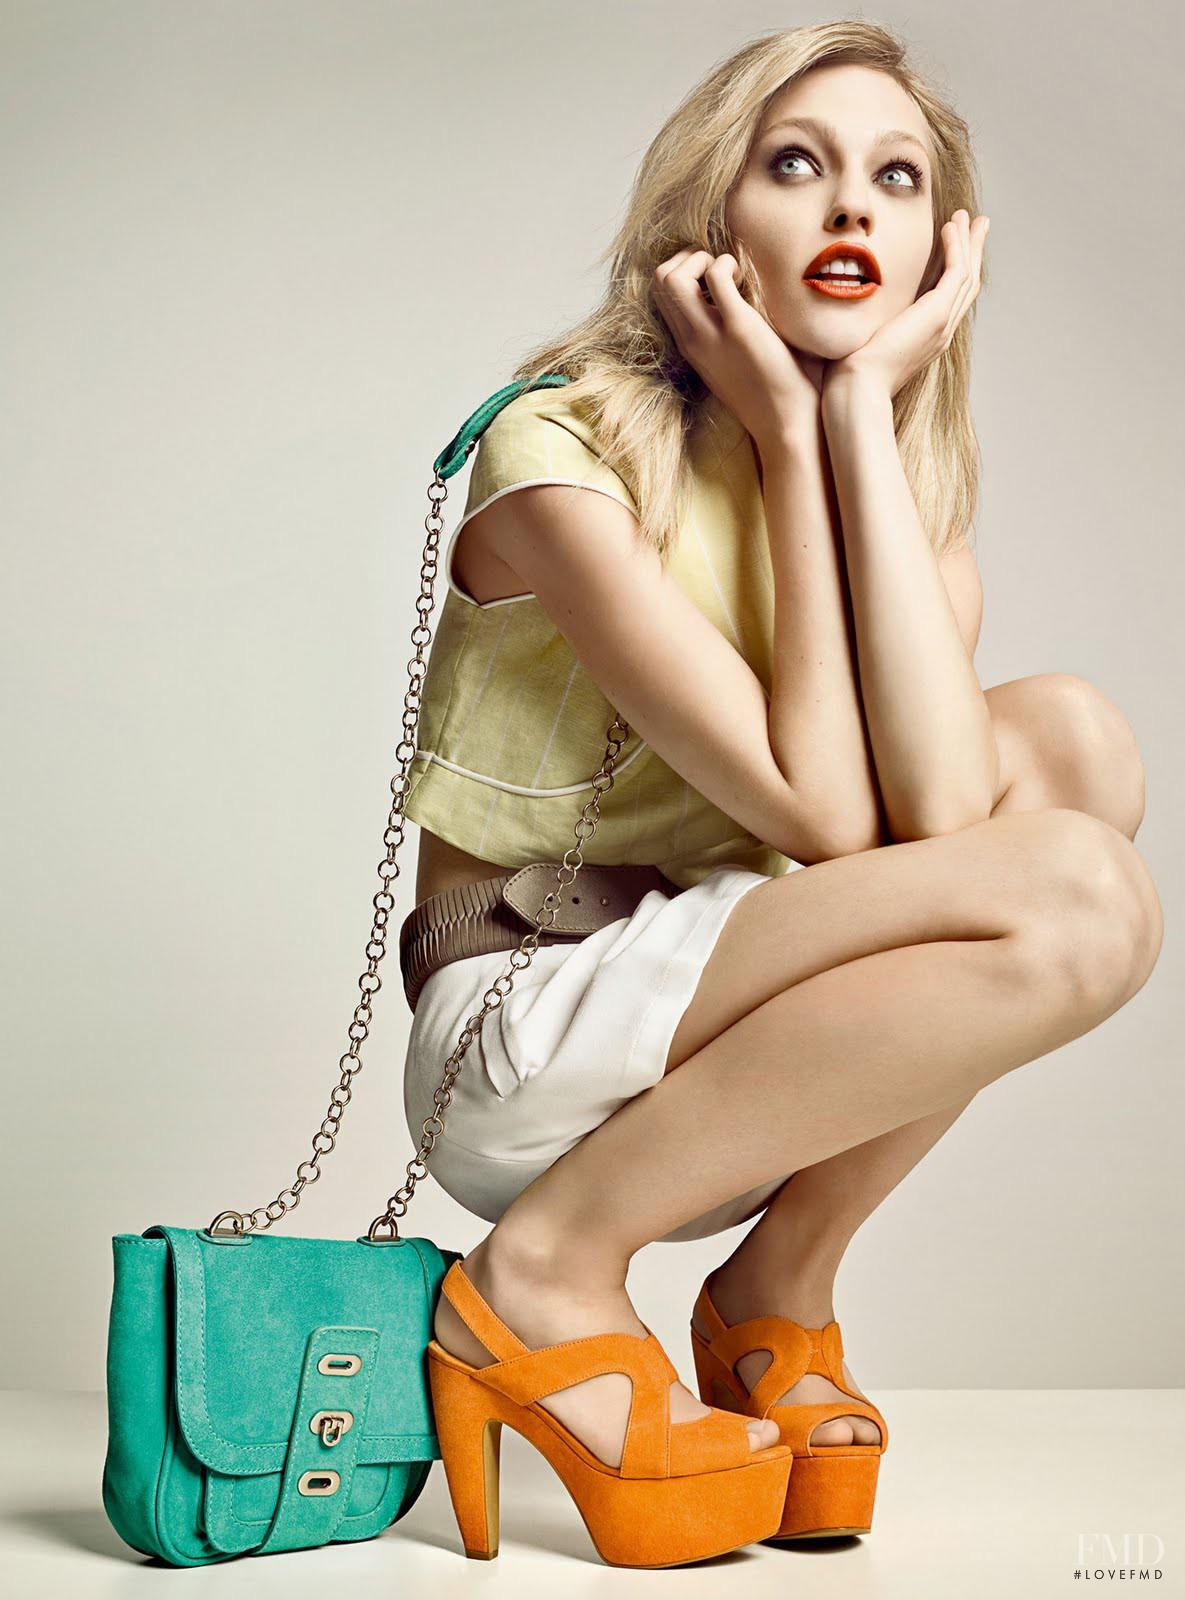 завершении фотографии рекламы обуви причины